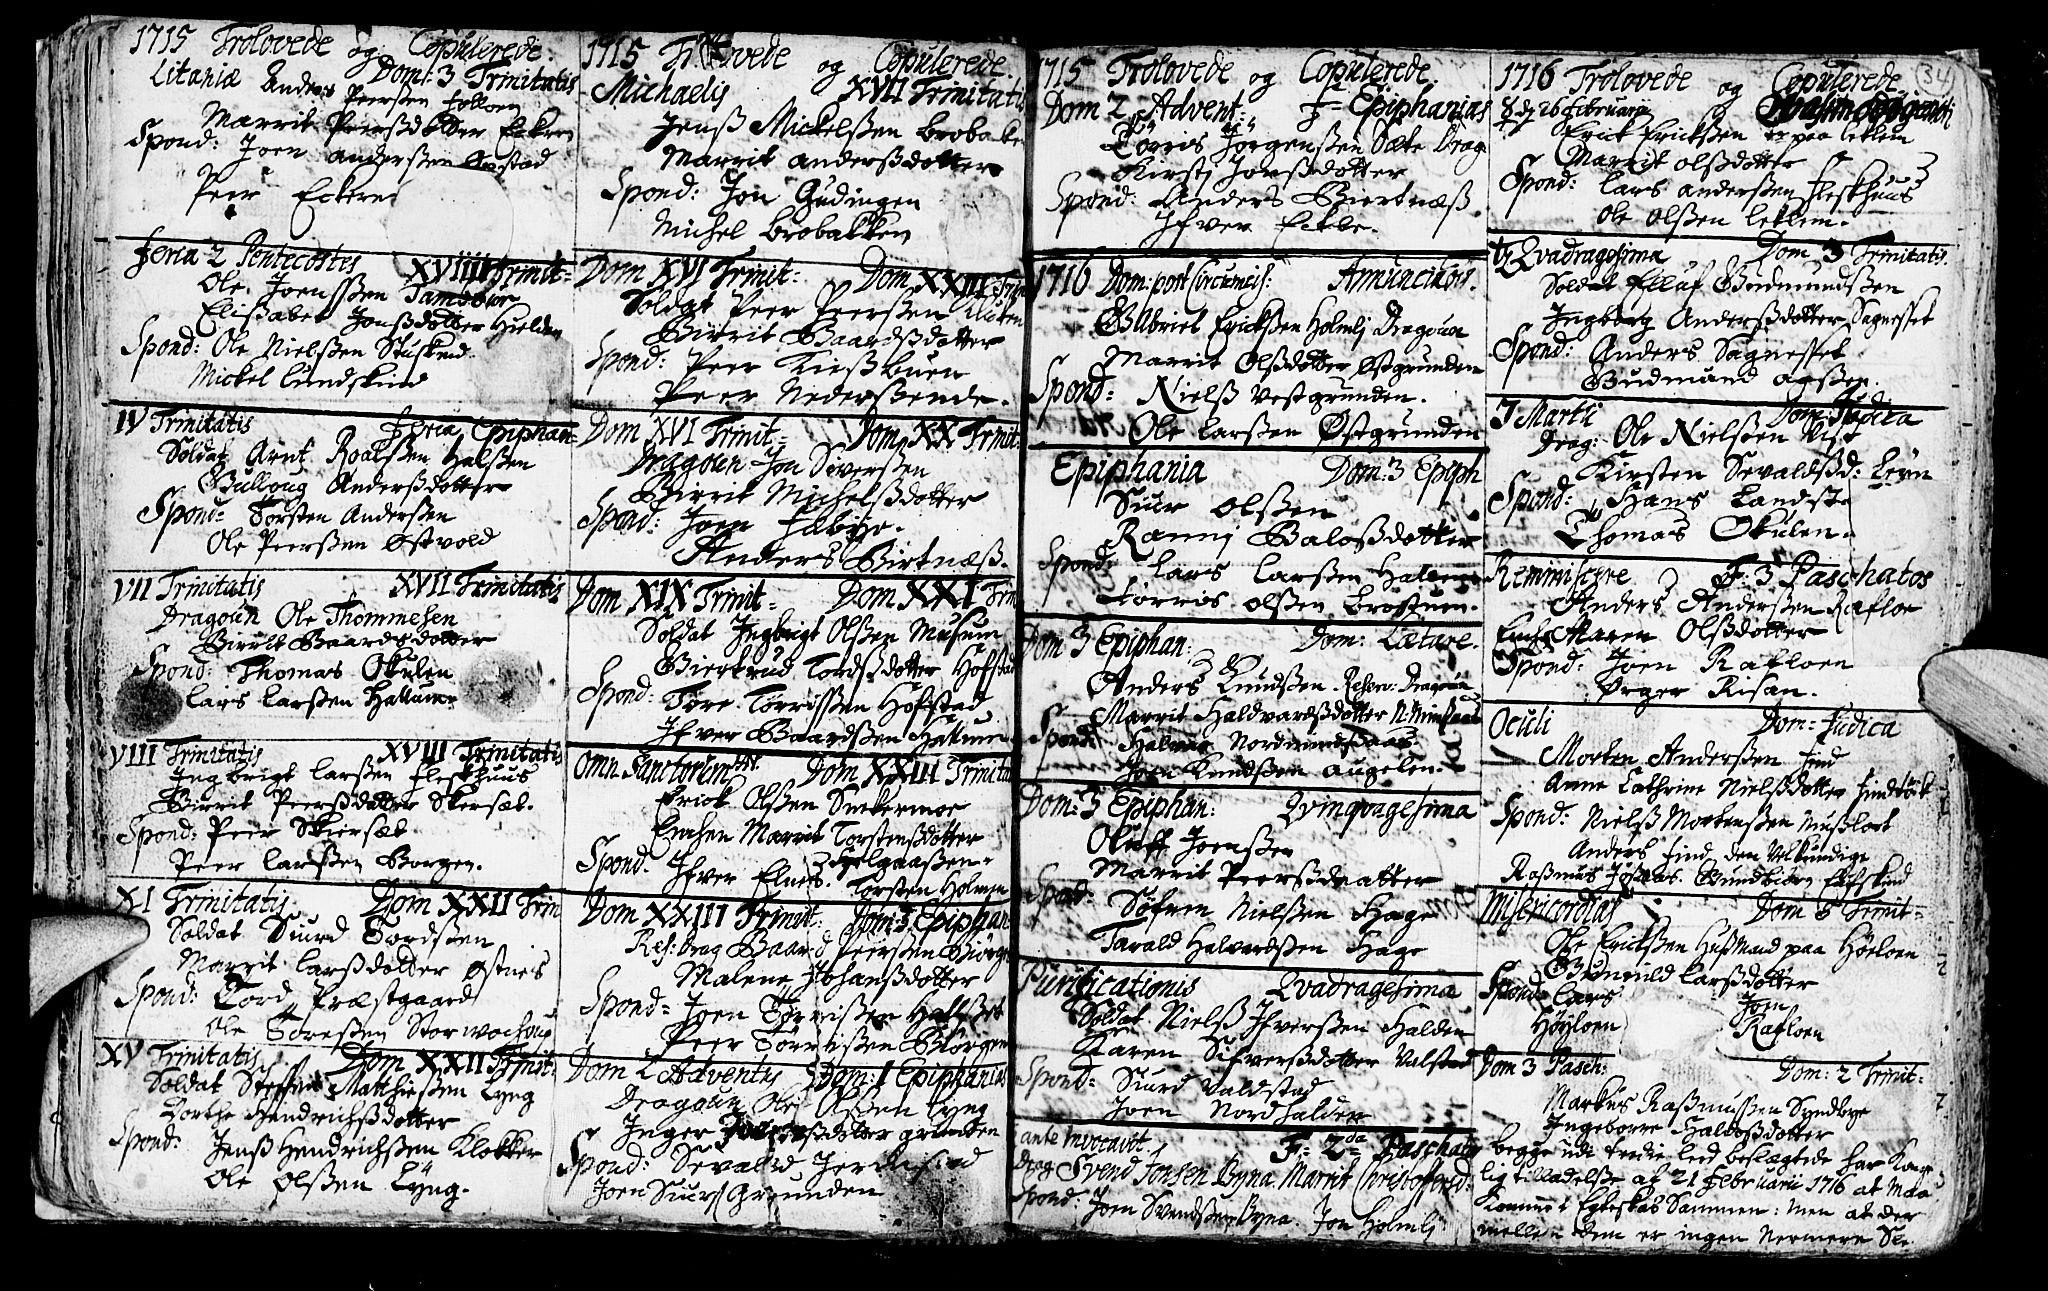 SAT, Ministerialprotokoller, klokkerbøker og fødselsregistre - Nord-Trøndelag, 723/L0230: Parish register (official) no. 723A01, 1705-1747, p. 34